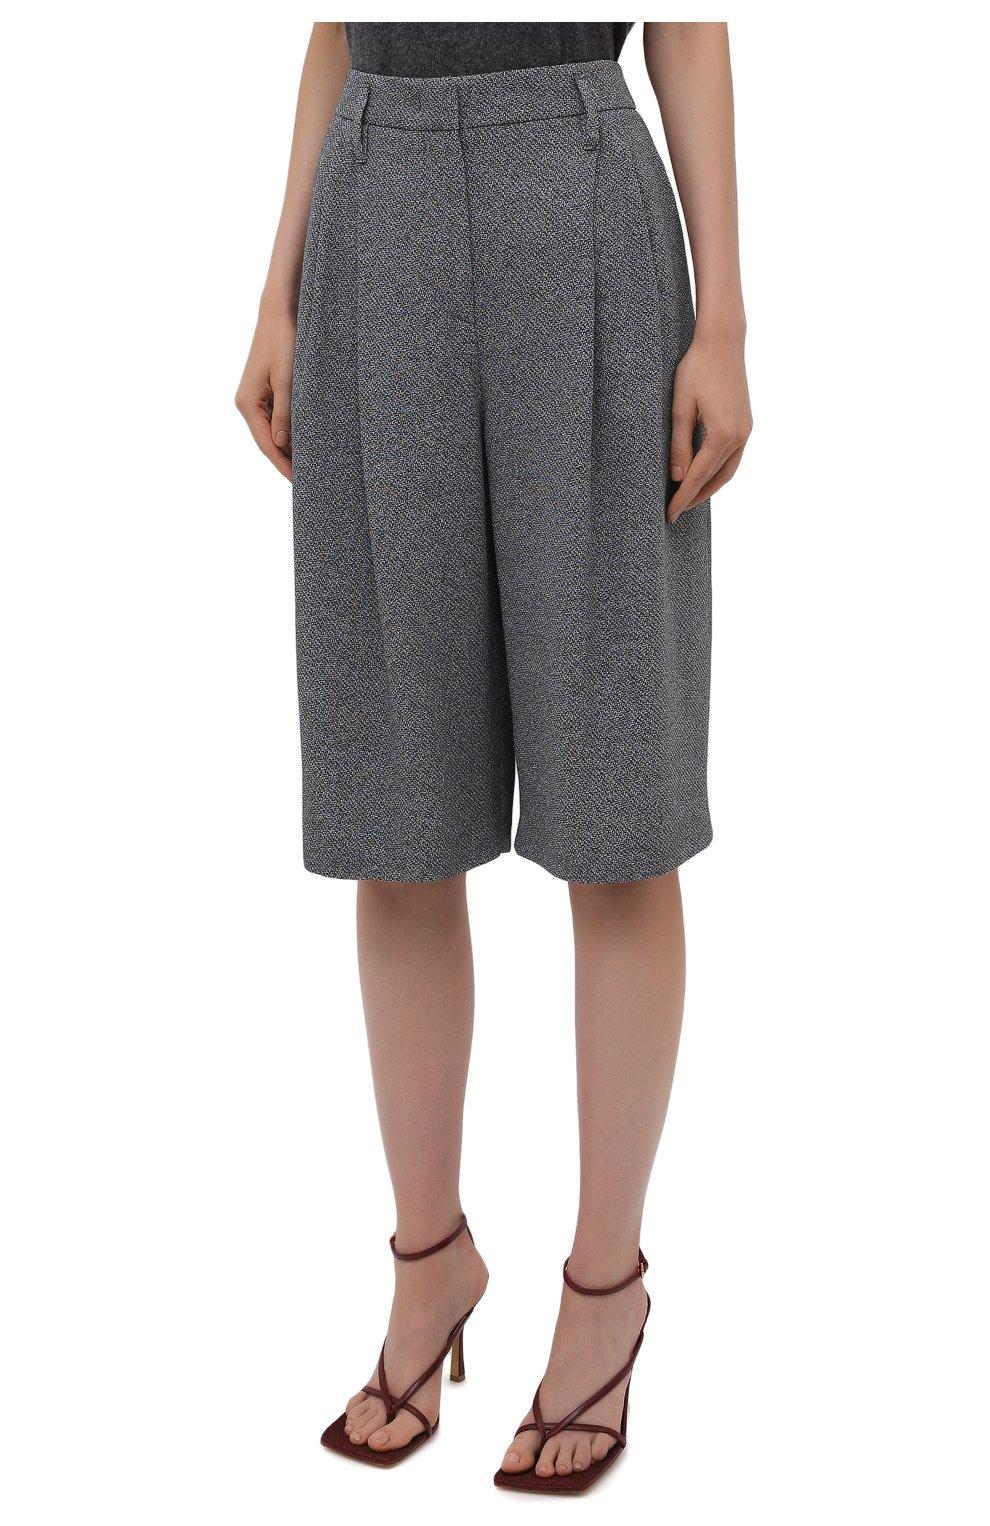 Женские шорты-бермуды GIORGIO ARMANI серого цвета, арт. 1WHPP0IJ/T02N1   Фото 3 (Женское Кросс-КТ: Шорты-одежда; Материал внешний: Синтетический материал, Вискоза; Кросс-КТ: Широкие; Длина Ж (юбки, платья, шорты): Миди; Стили: Кэжуэл)